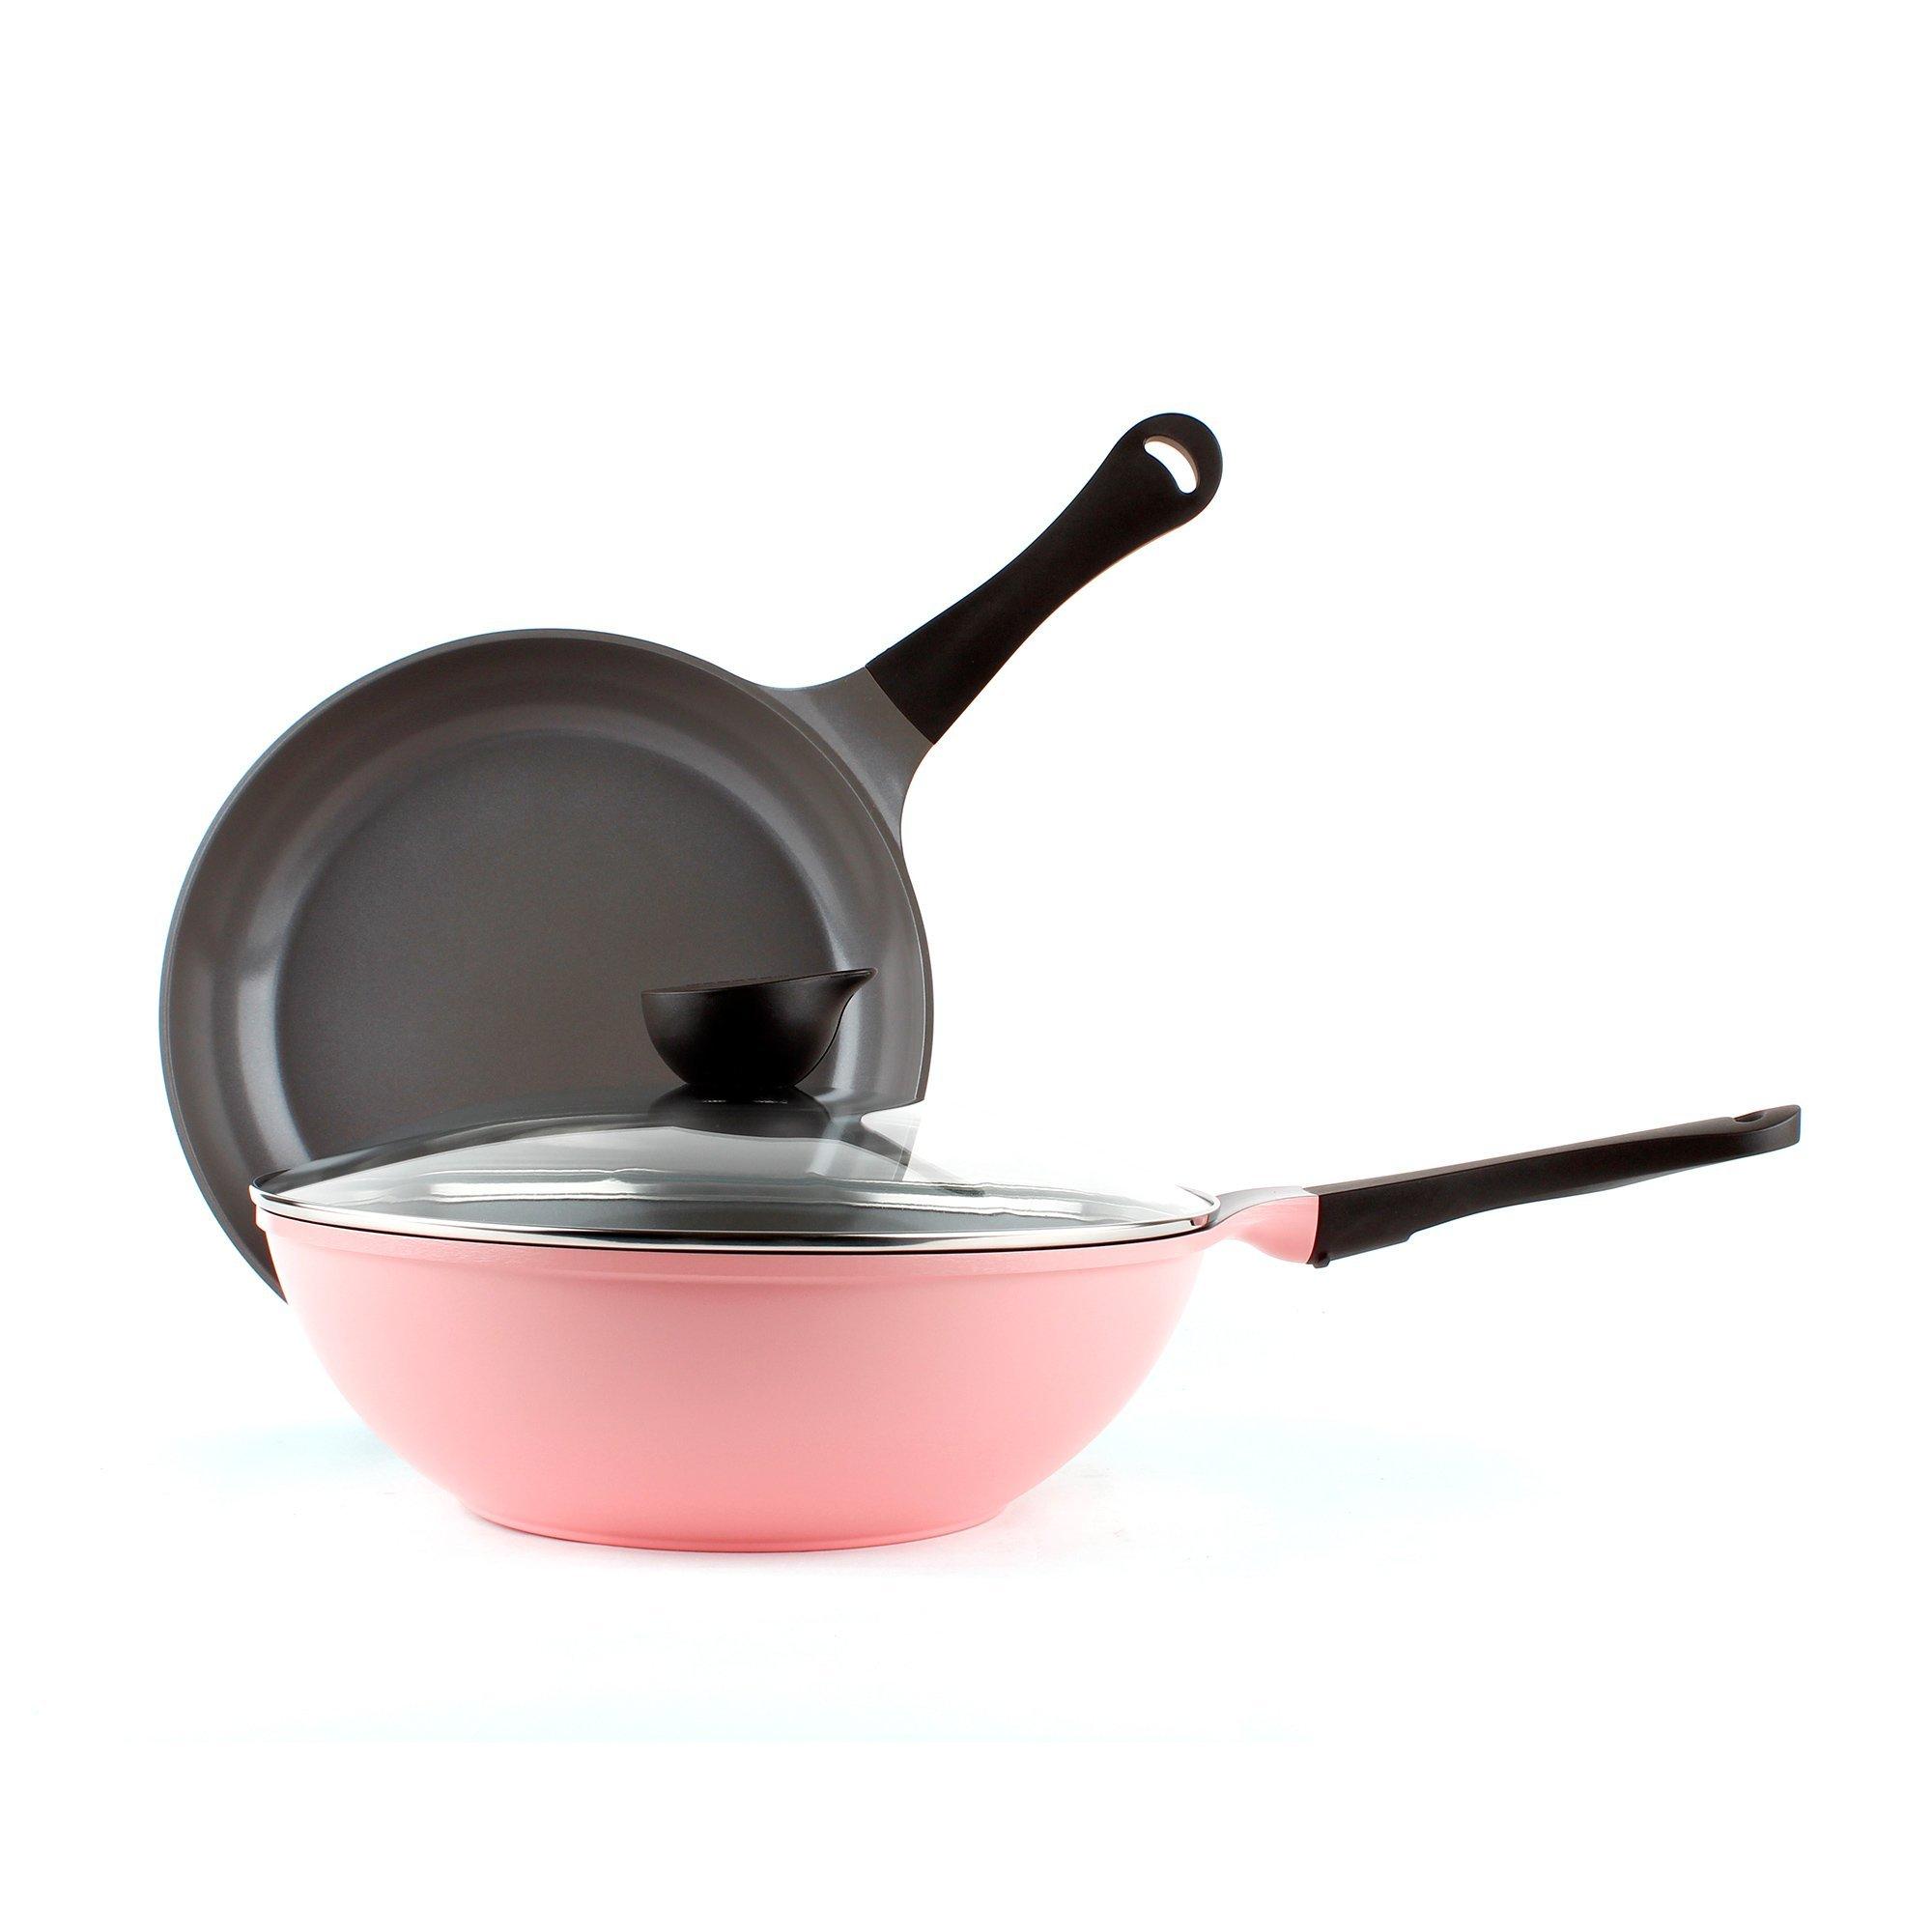 Neoflam 3 Piece Eela Ceramic Nonstick Cookware Set, Pink